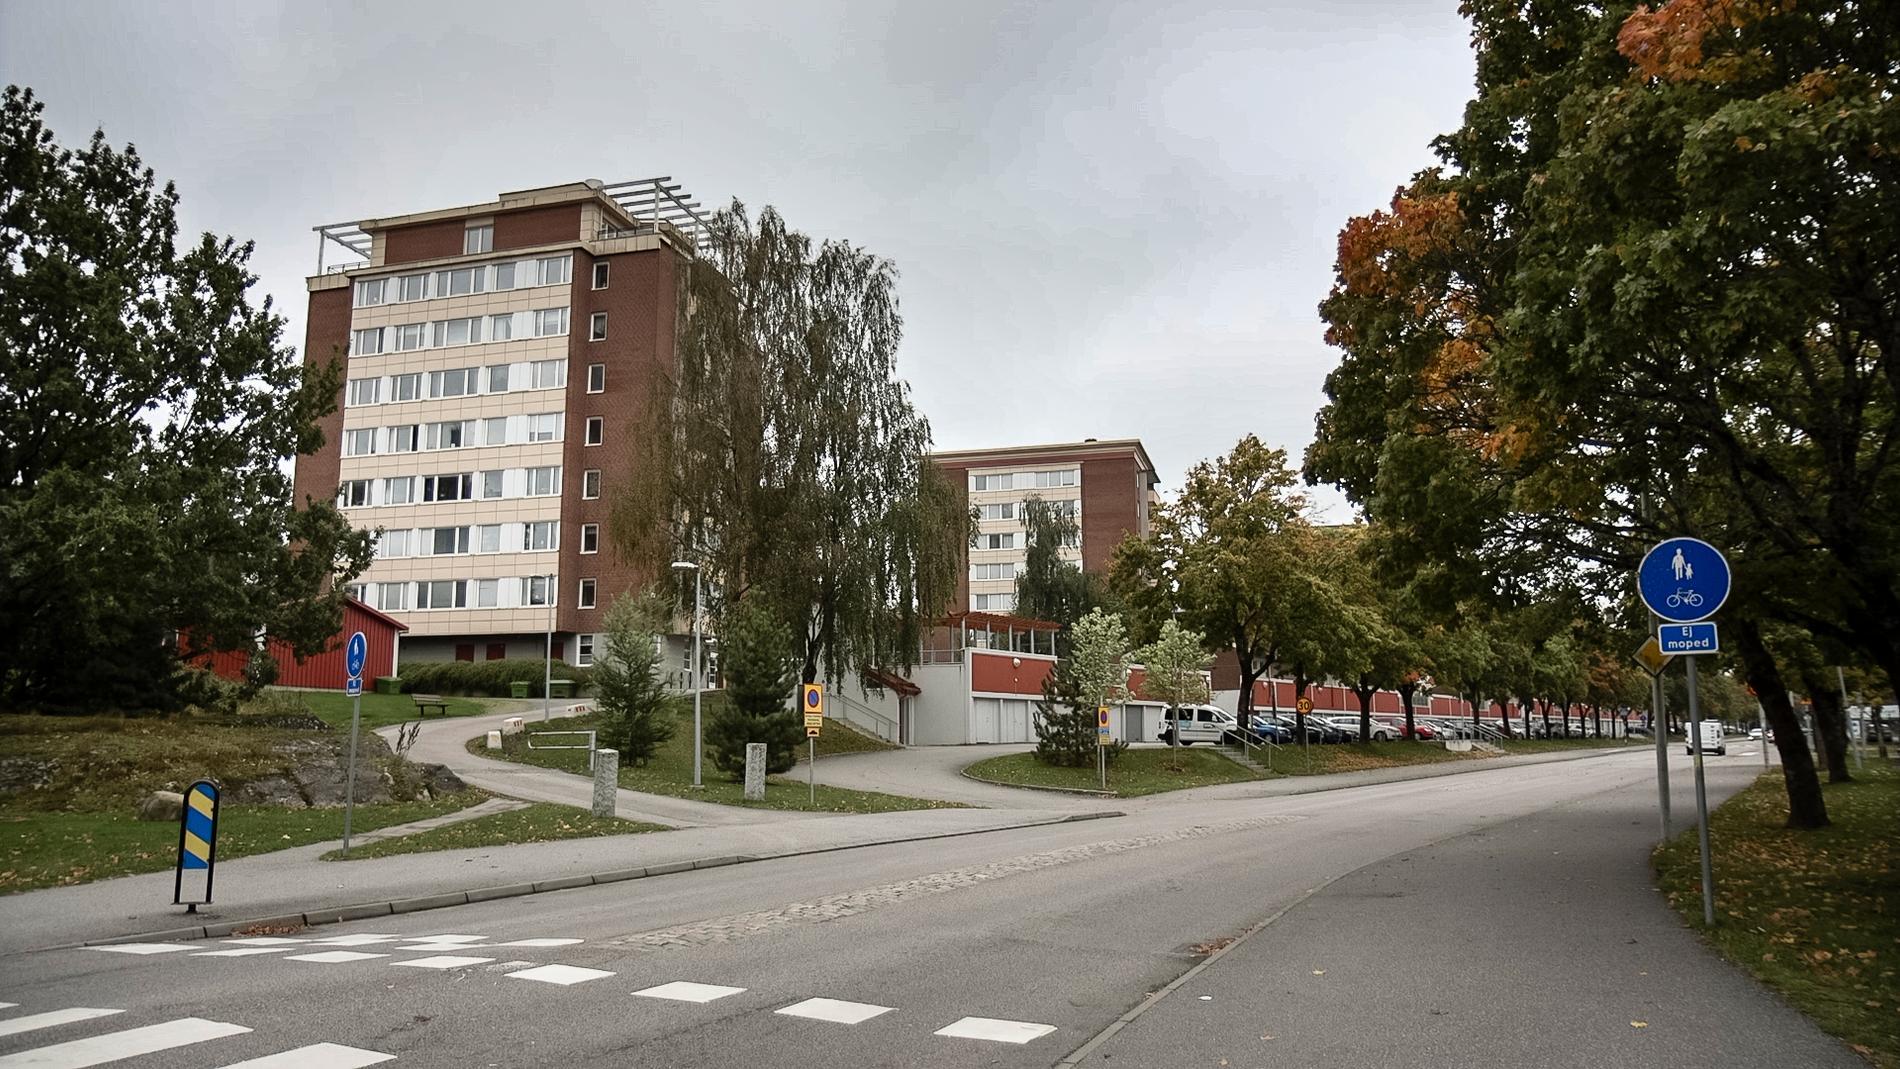 Kronogården, där Kronanskolan ligger, är ett av polisens utsatta områden.